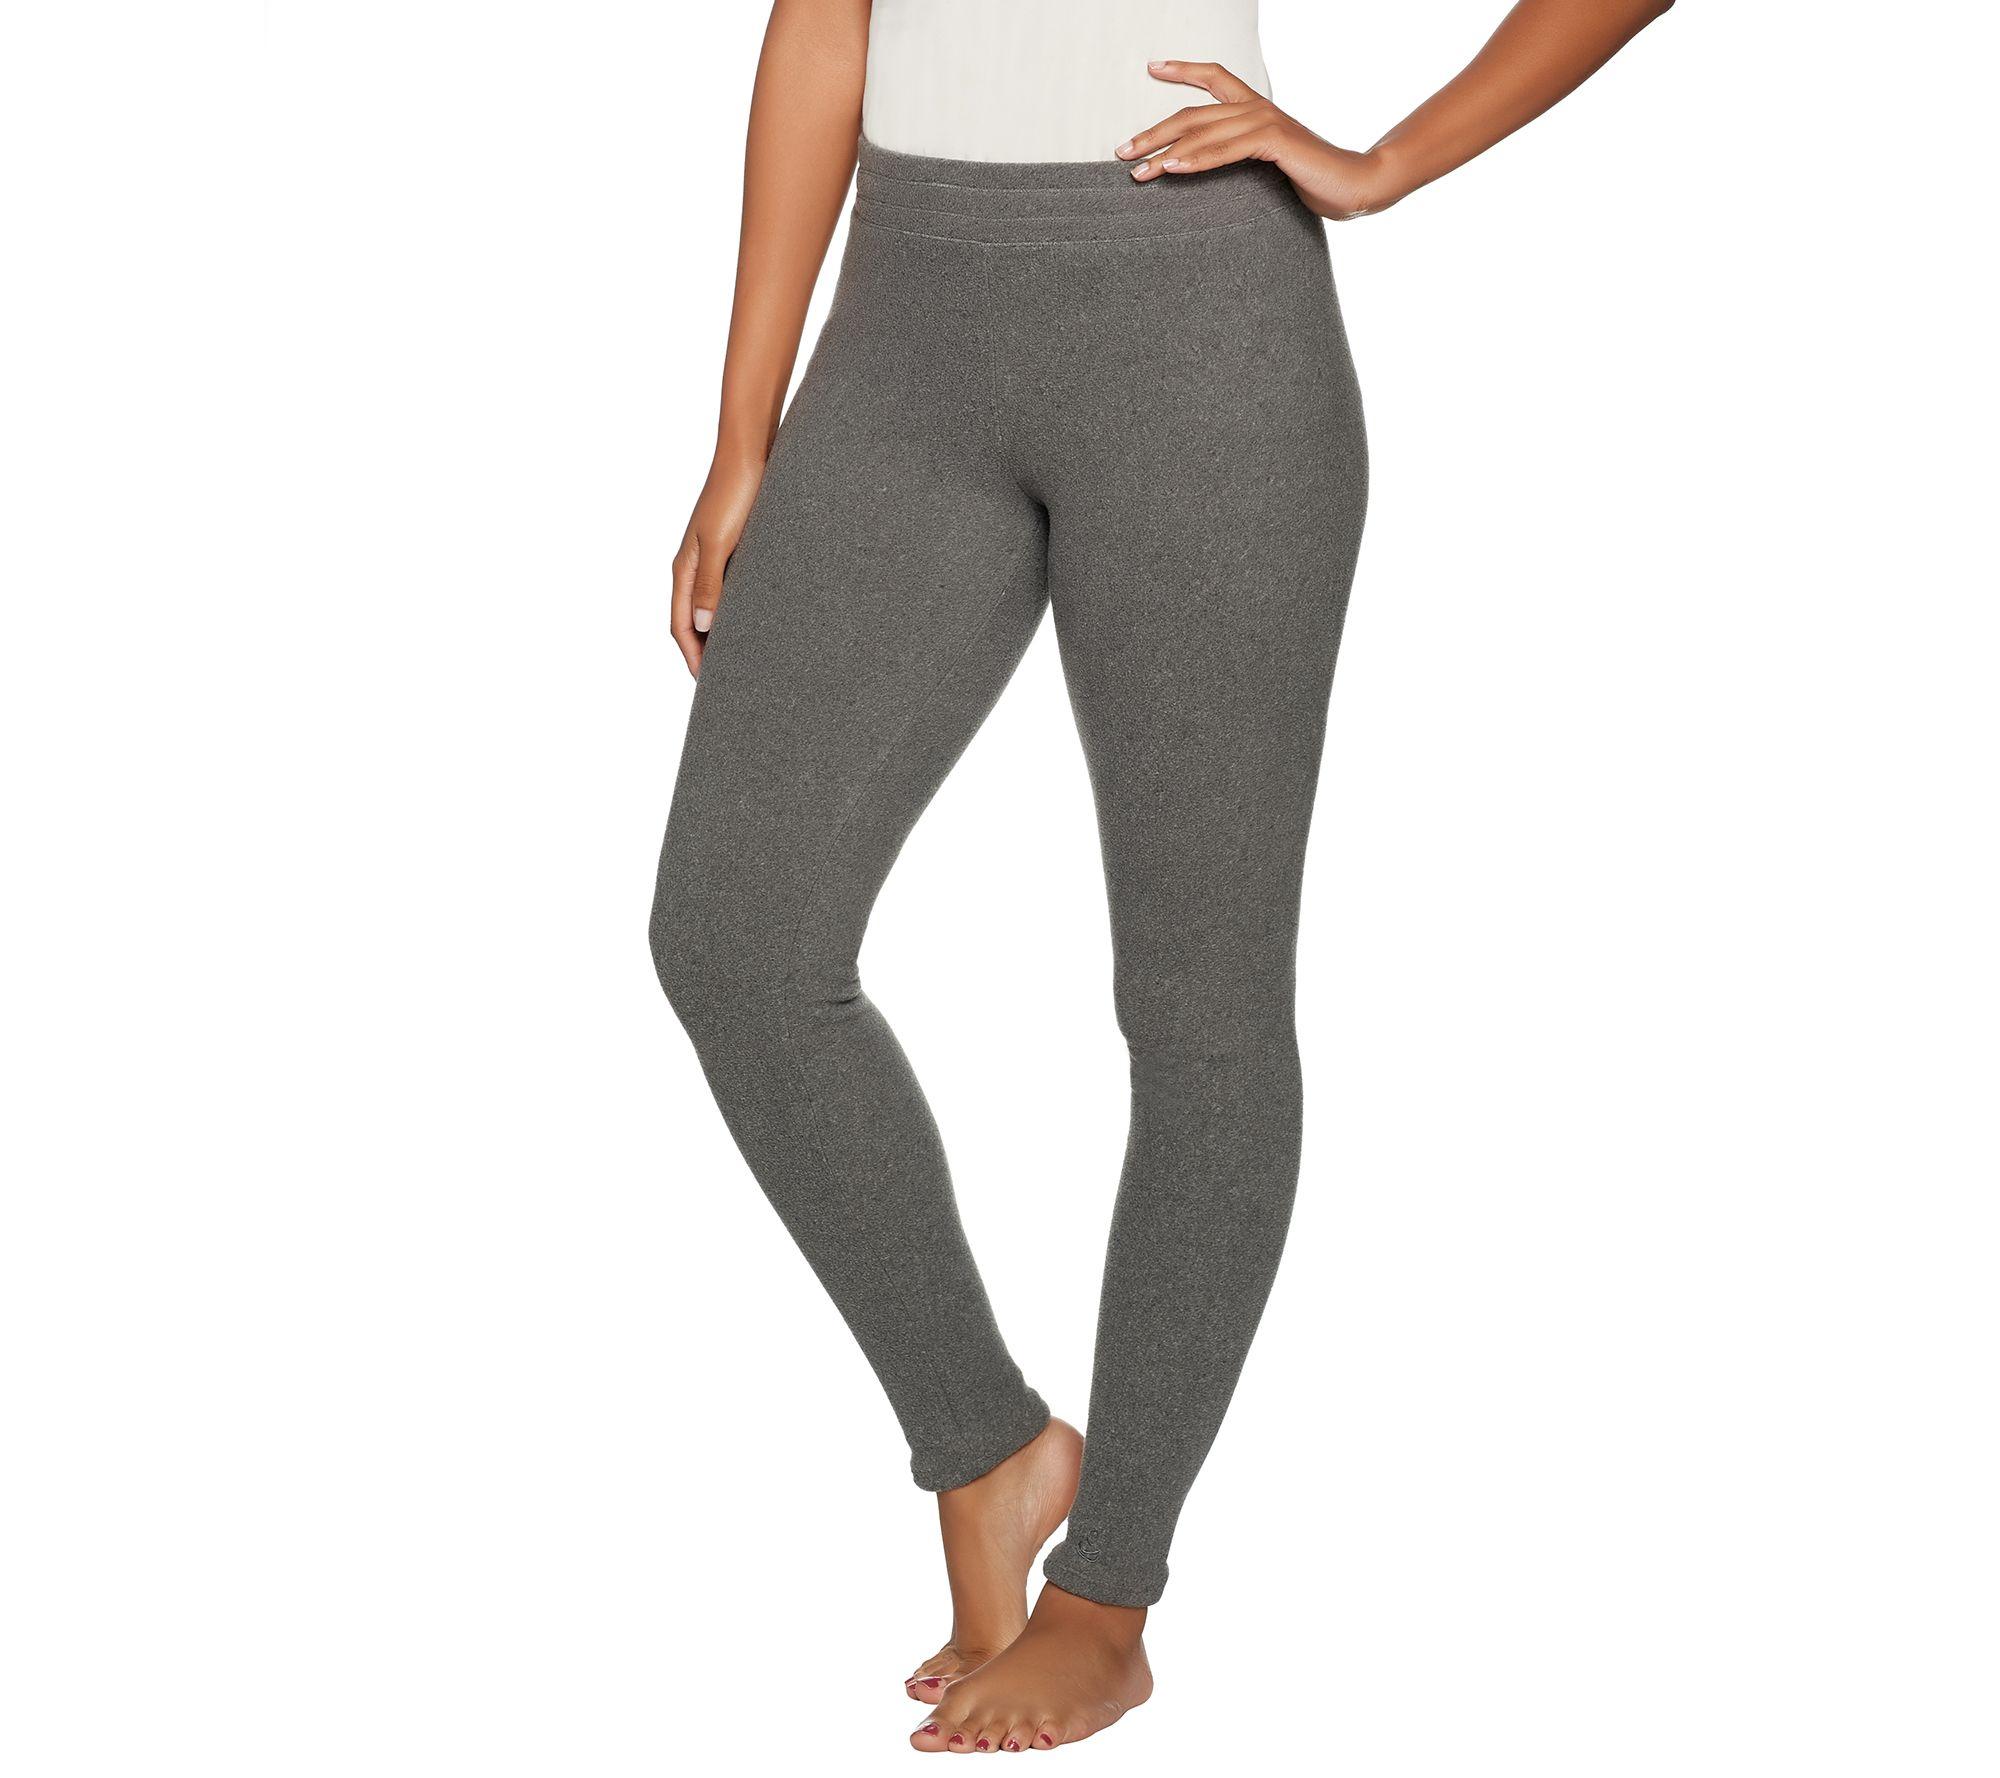 c7dbe40b67cbea Cuddl Duds Fleecewear Stretch Leggings - Page 1 — QVC.com